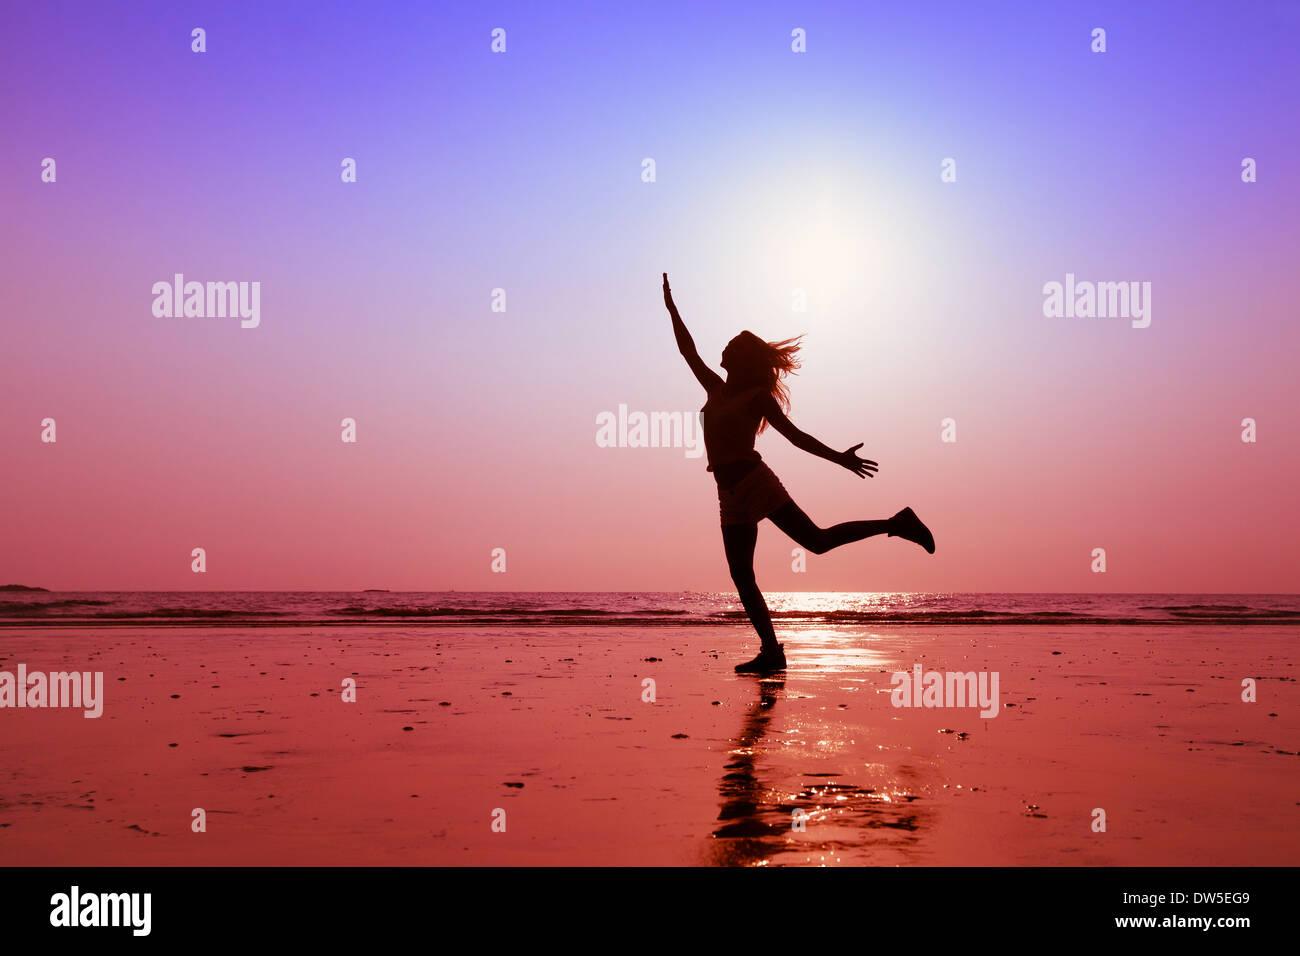 Las personas felices, concepto de estilo de vida saludable Imagen De Stock